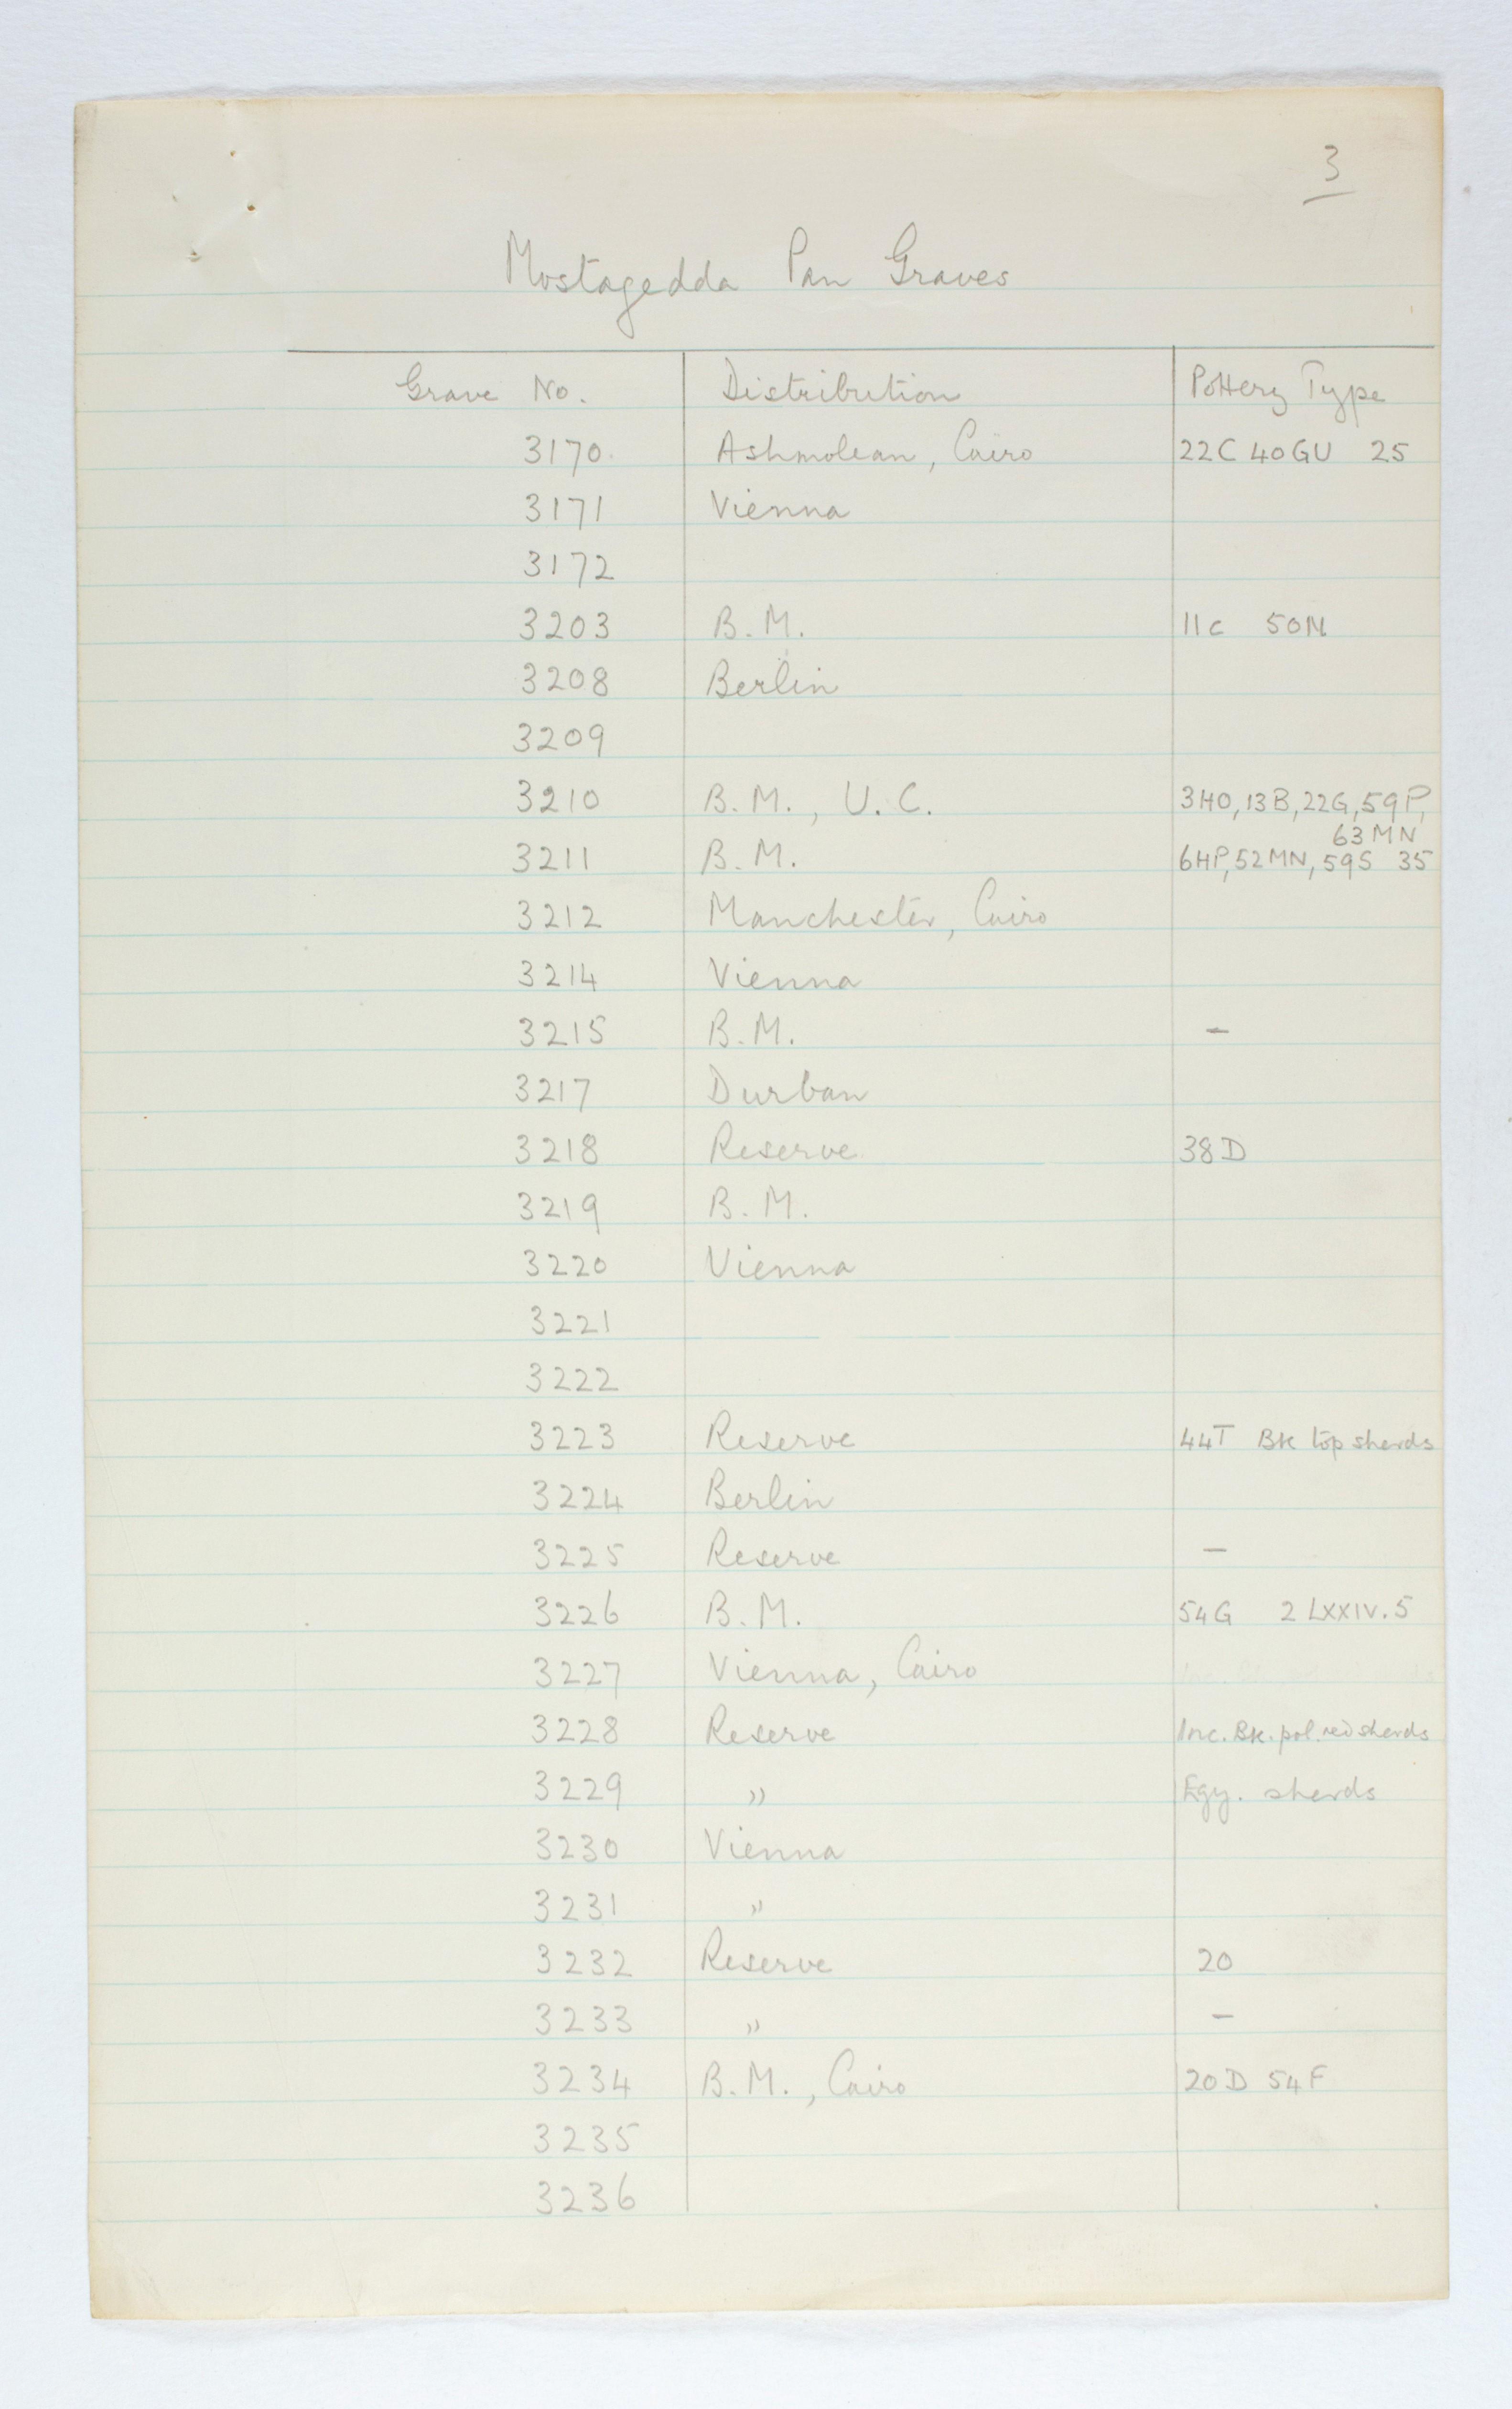 1929-30 Qau el-Kebir, Mostagedda Multiple institution list PMA/WFP1/D/31/1.7